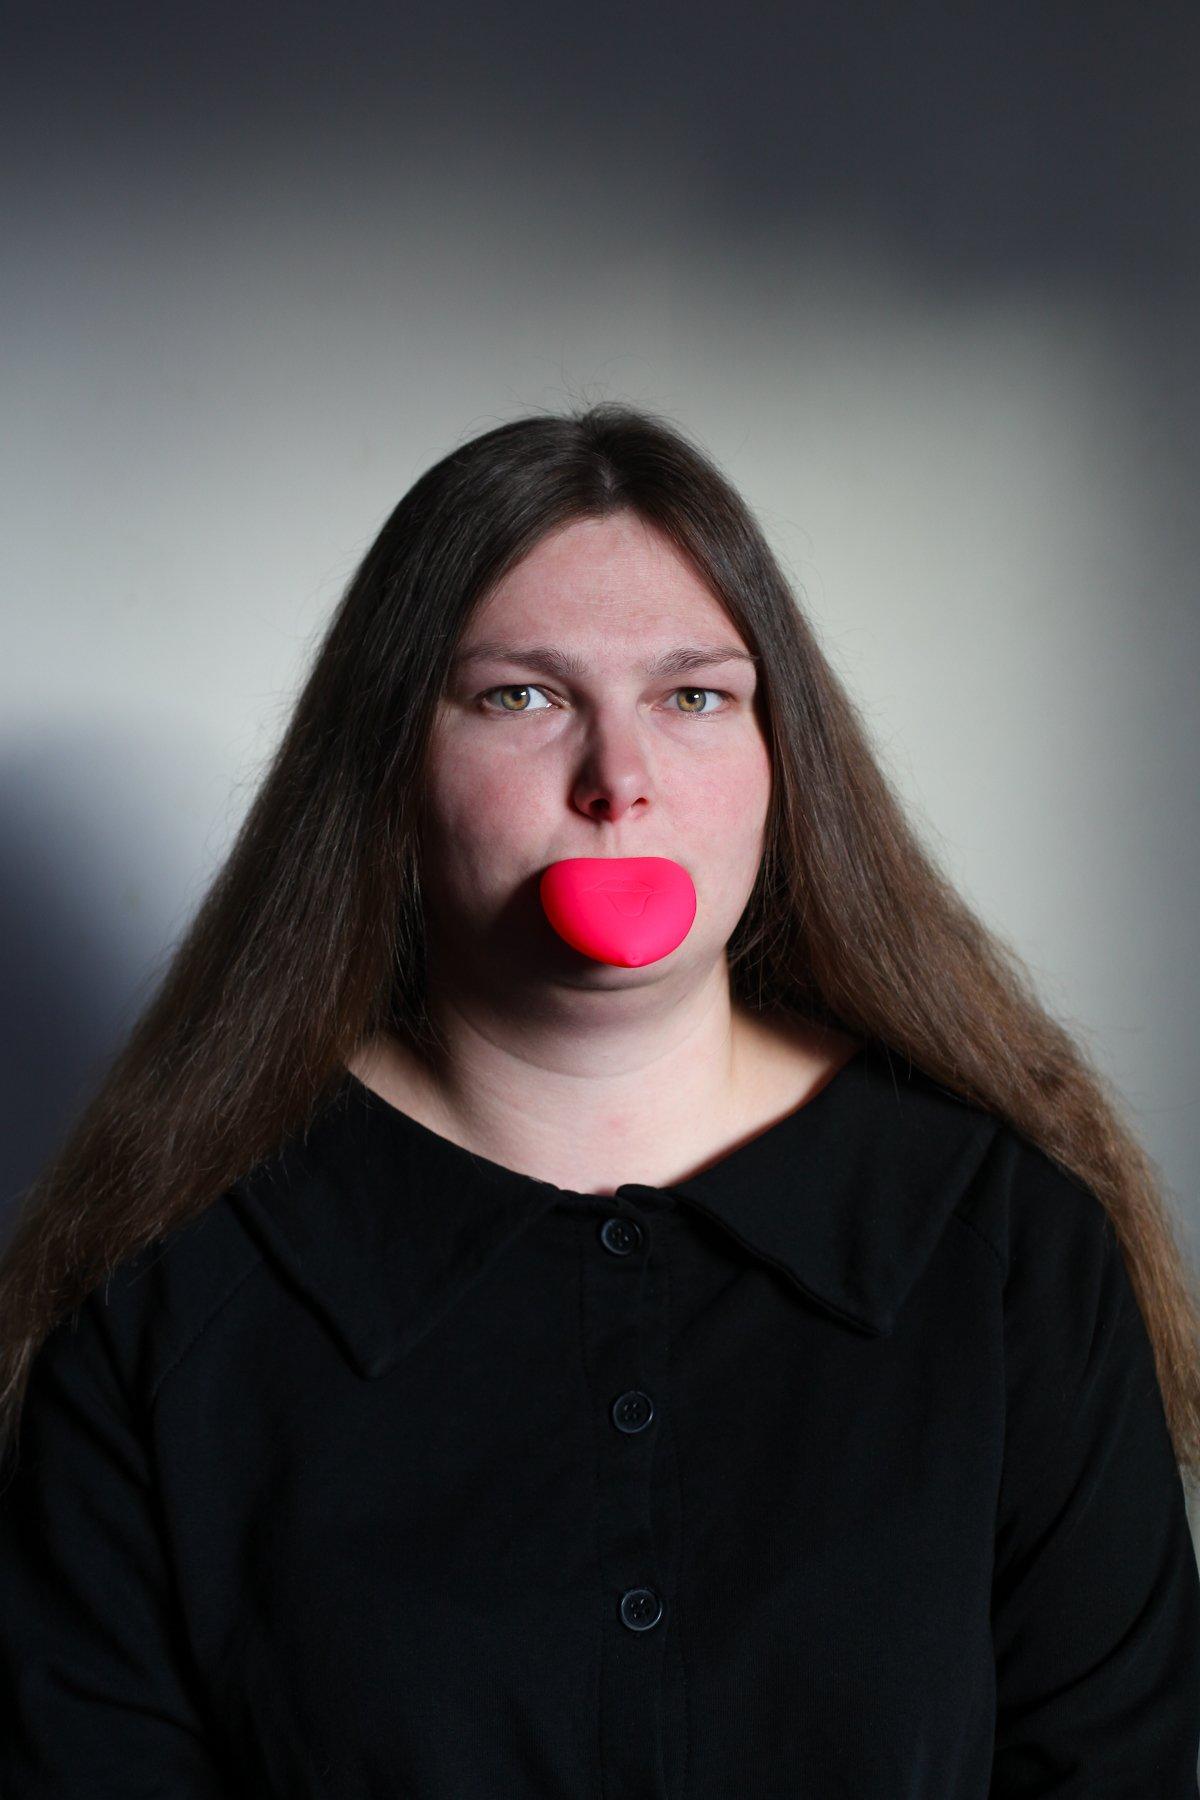 Плампер — присоска для губ — популярное приспособление. Губы всасываются в силиконовый кулачок, к ни